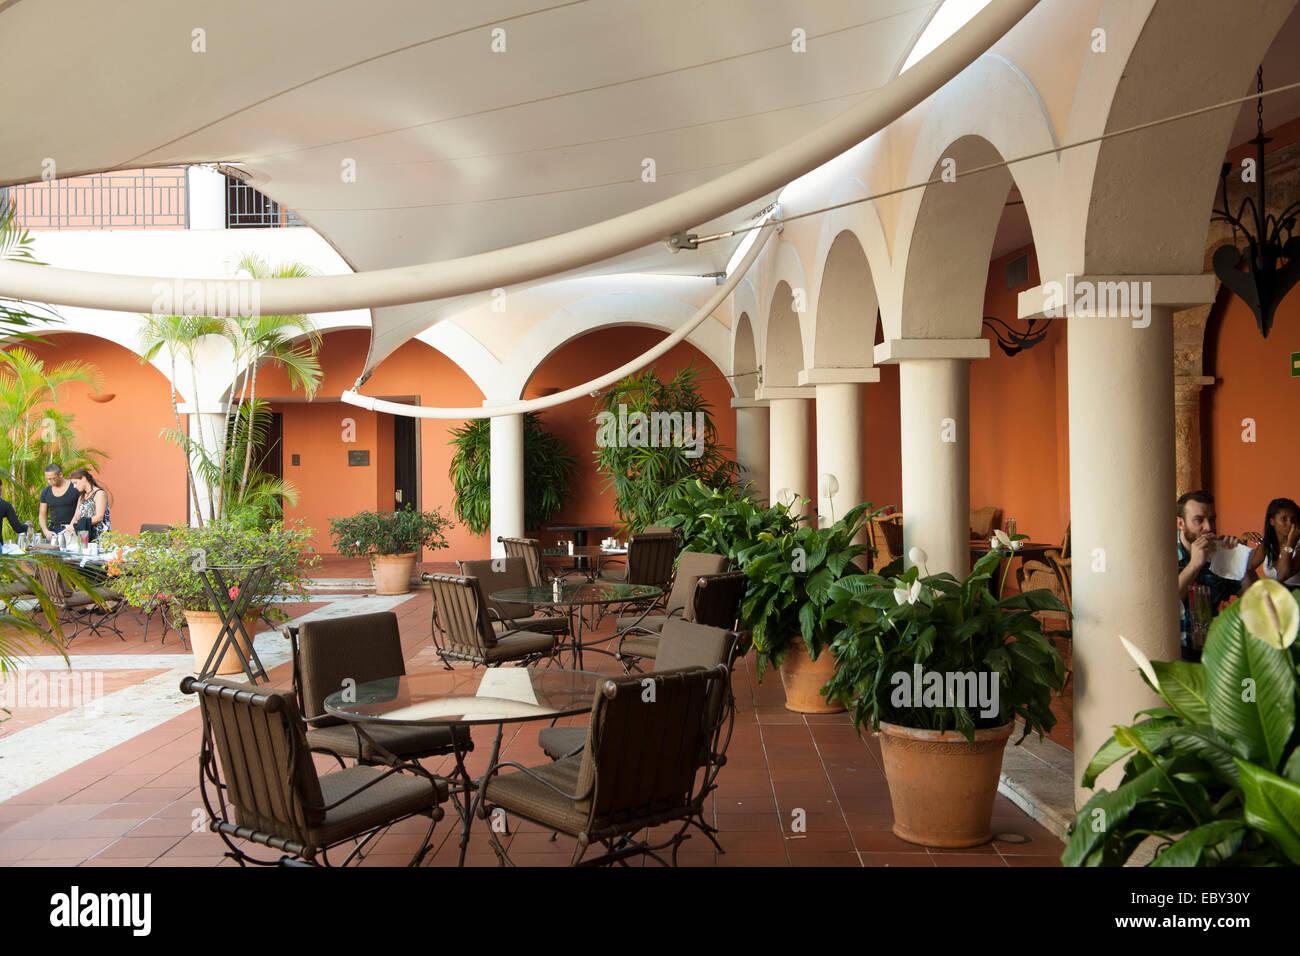 Dominikanische Republik, Santo Domingo, Zona Colonial, Calle las Damas, Hostal Nicolas de Ovando - Stock Image